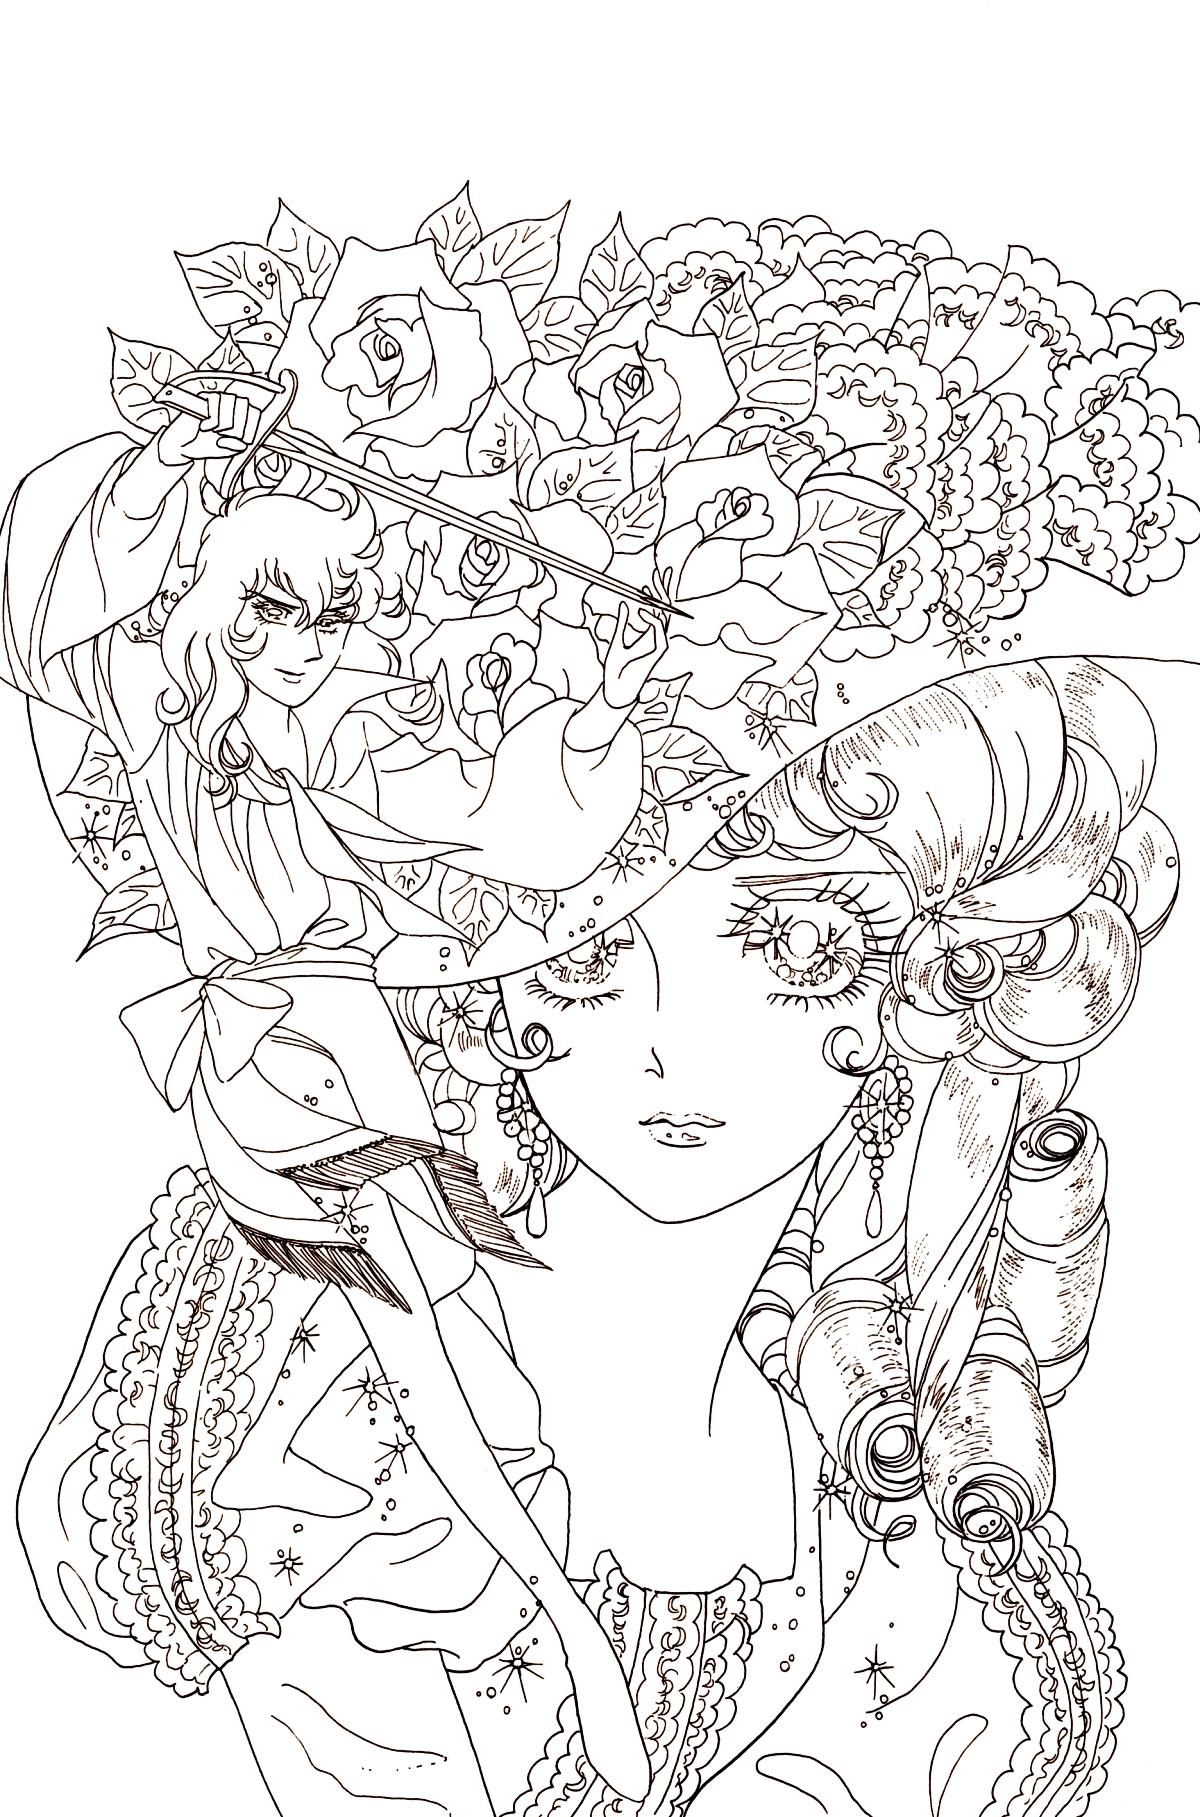 Lady oscar immagini da colorare for Immagini da colorare aristogatti